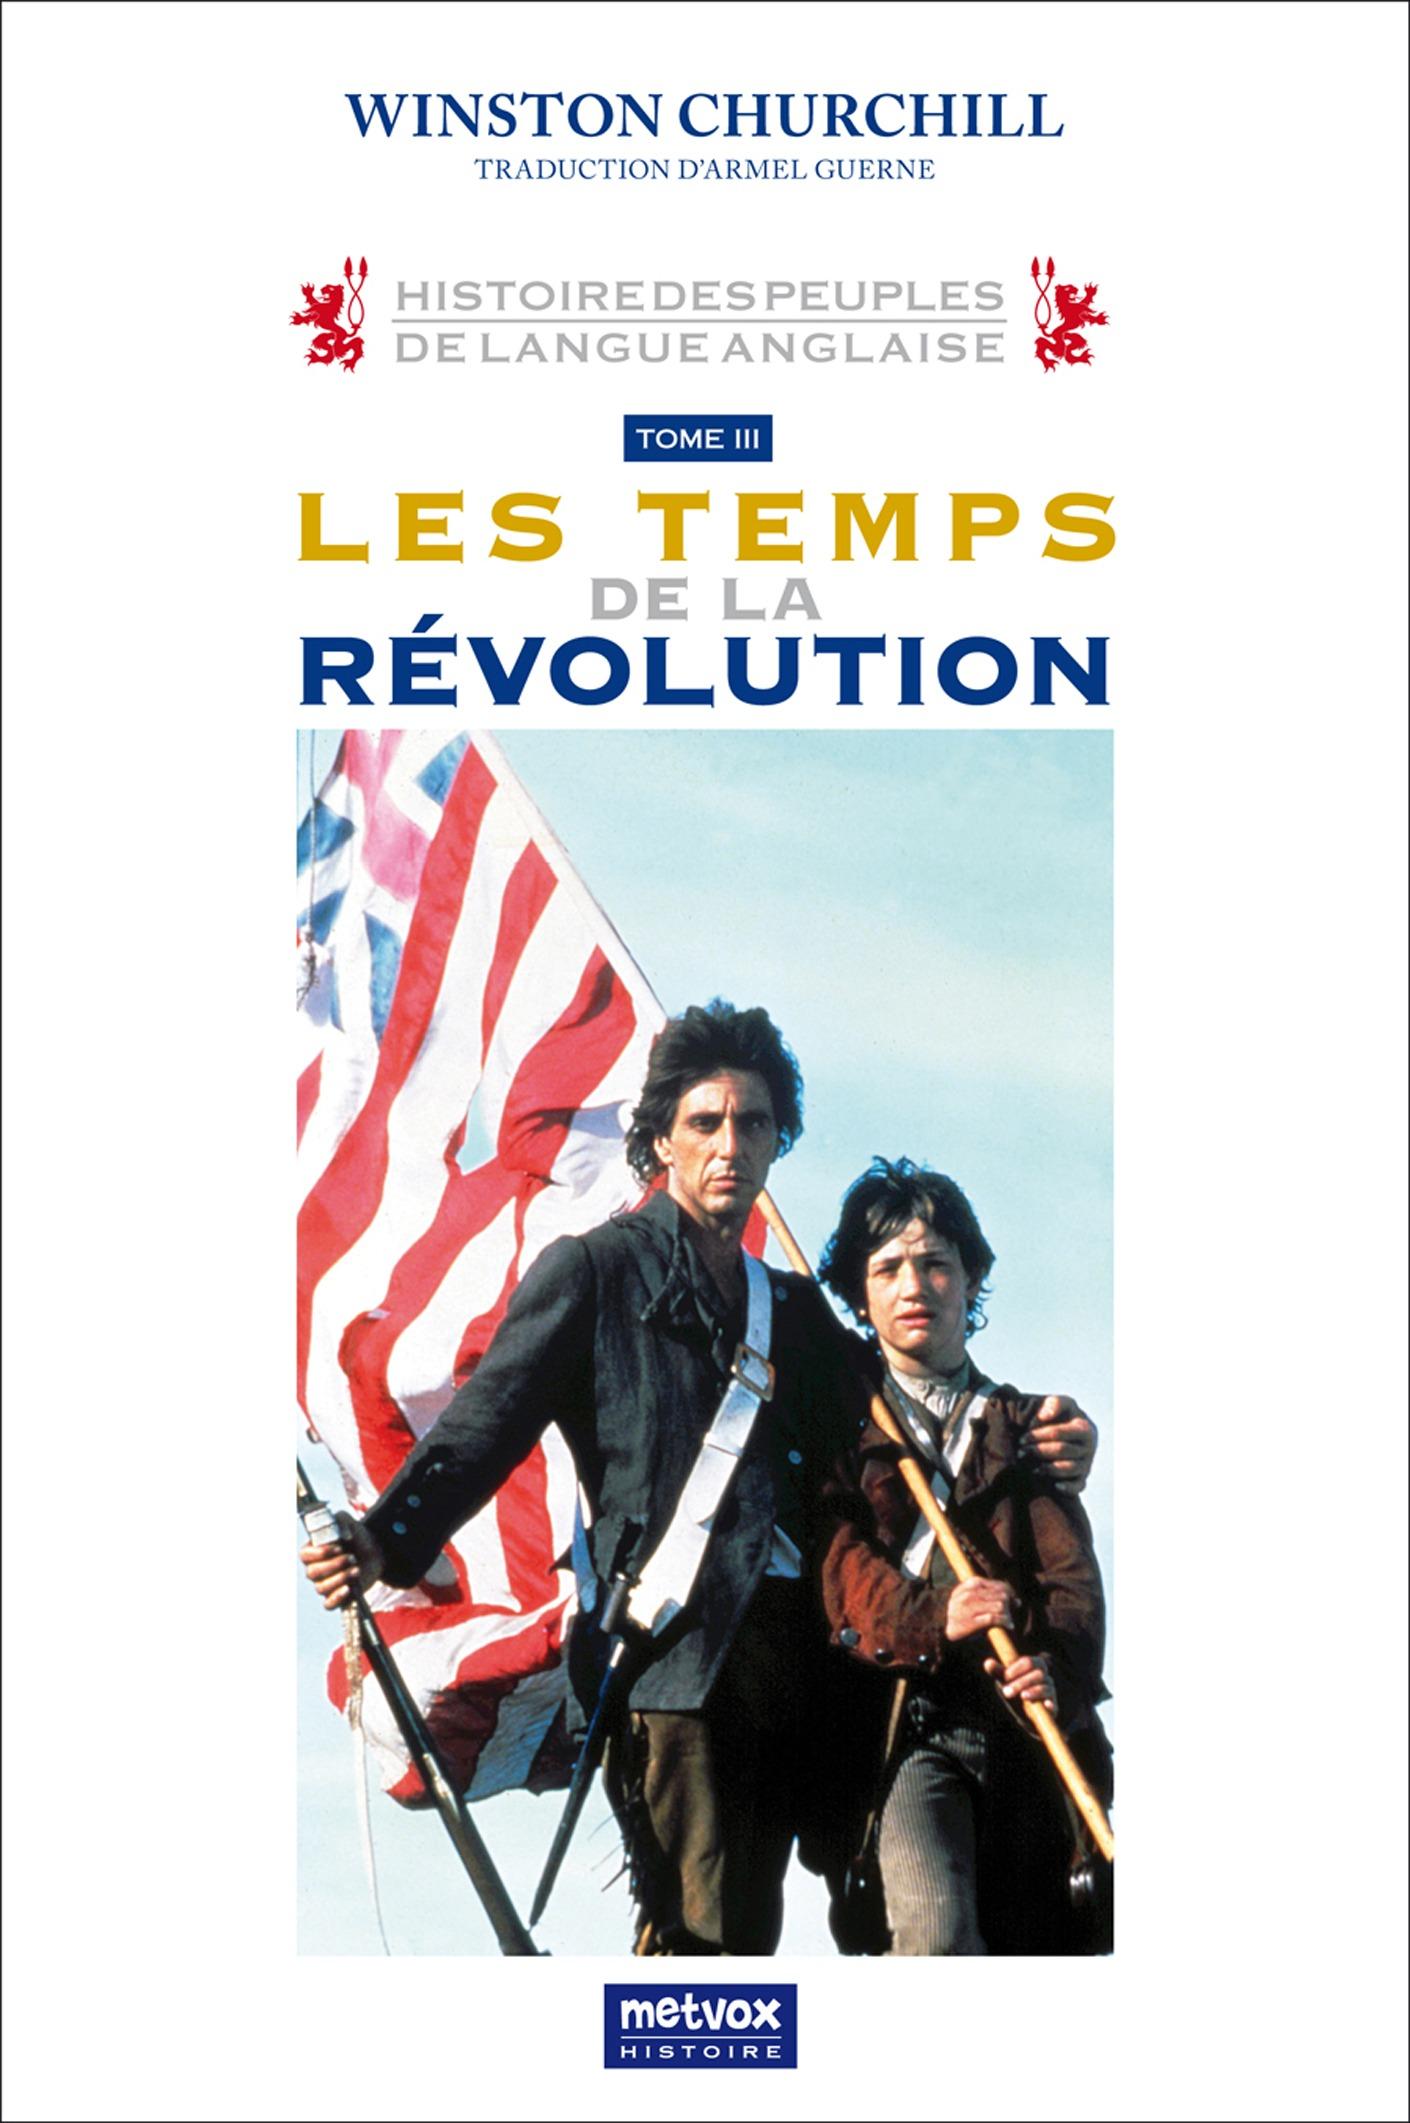 Histoire des peuples de langue anglaise, LES TEMPS DE LA RÉVOLUTION